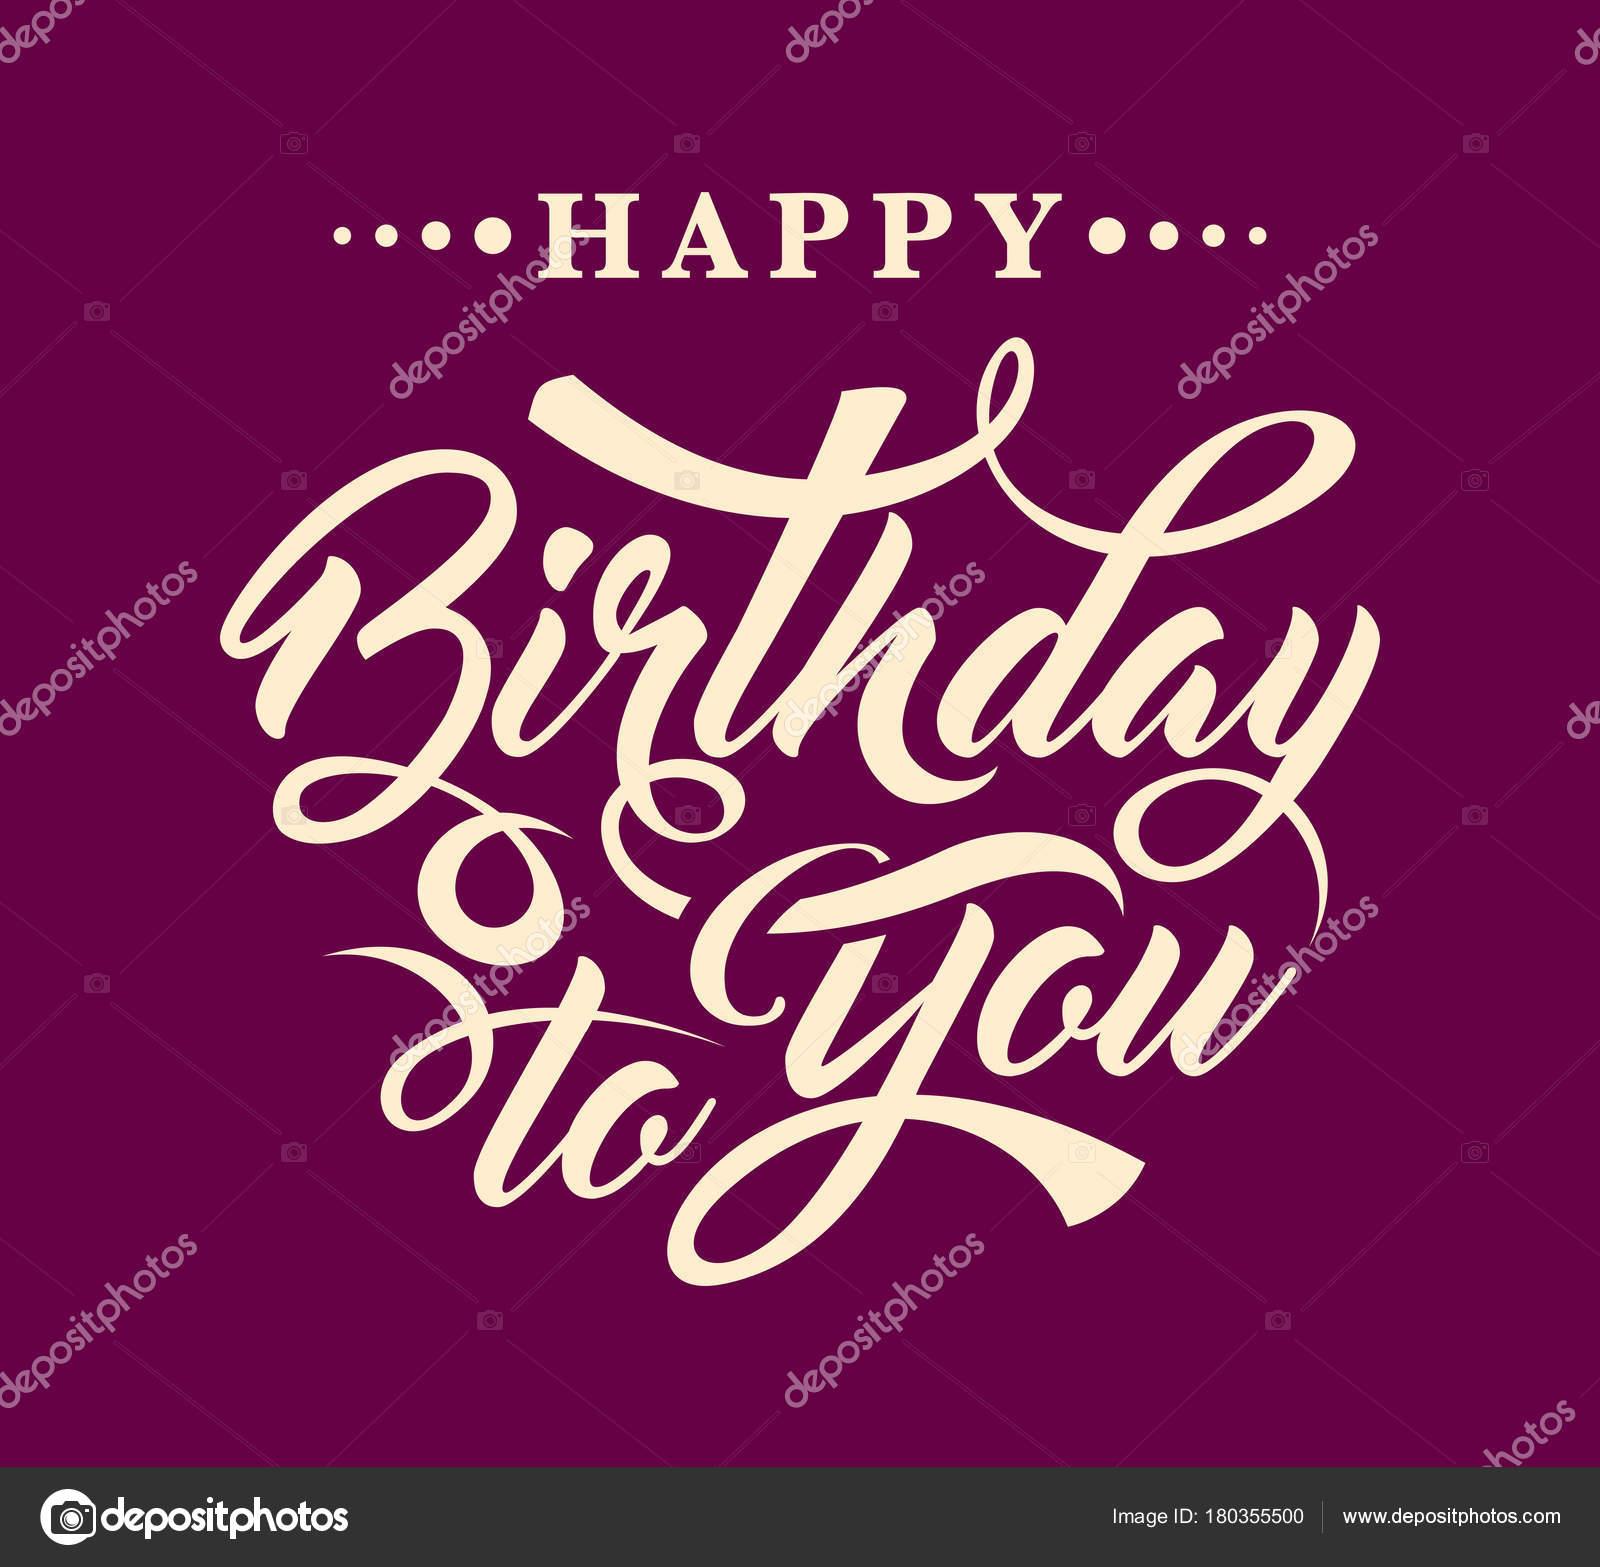 hartelijk gefeliciteerd met je verjaardag Hartelijk gefeliciteerd met je verjaardag. Kalligrafische tekst  hartelijk gefeliciteerd met je verjaardag